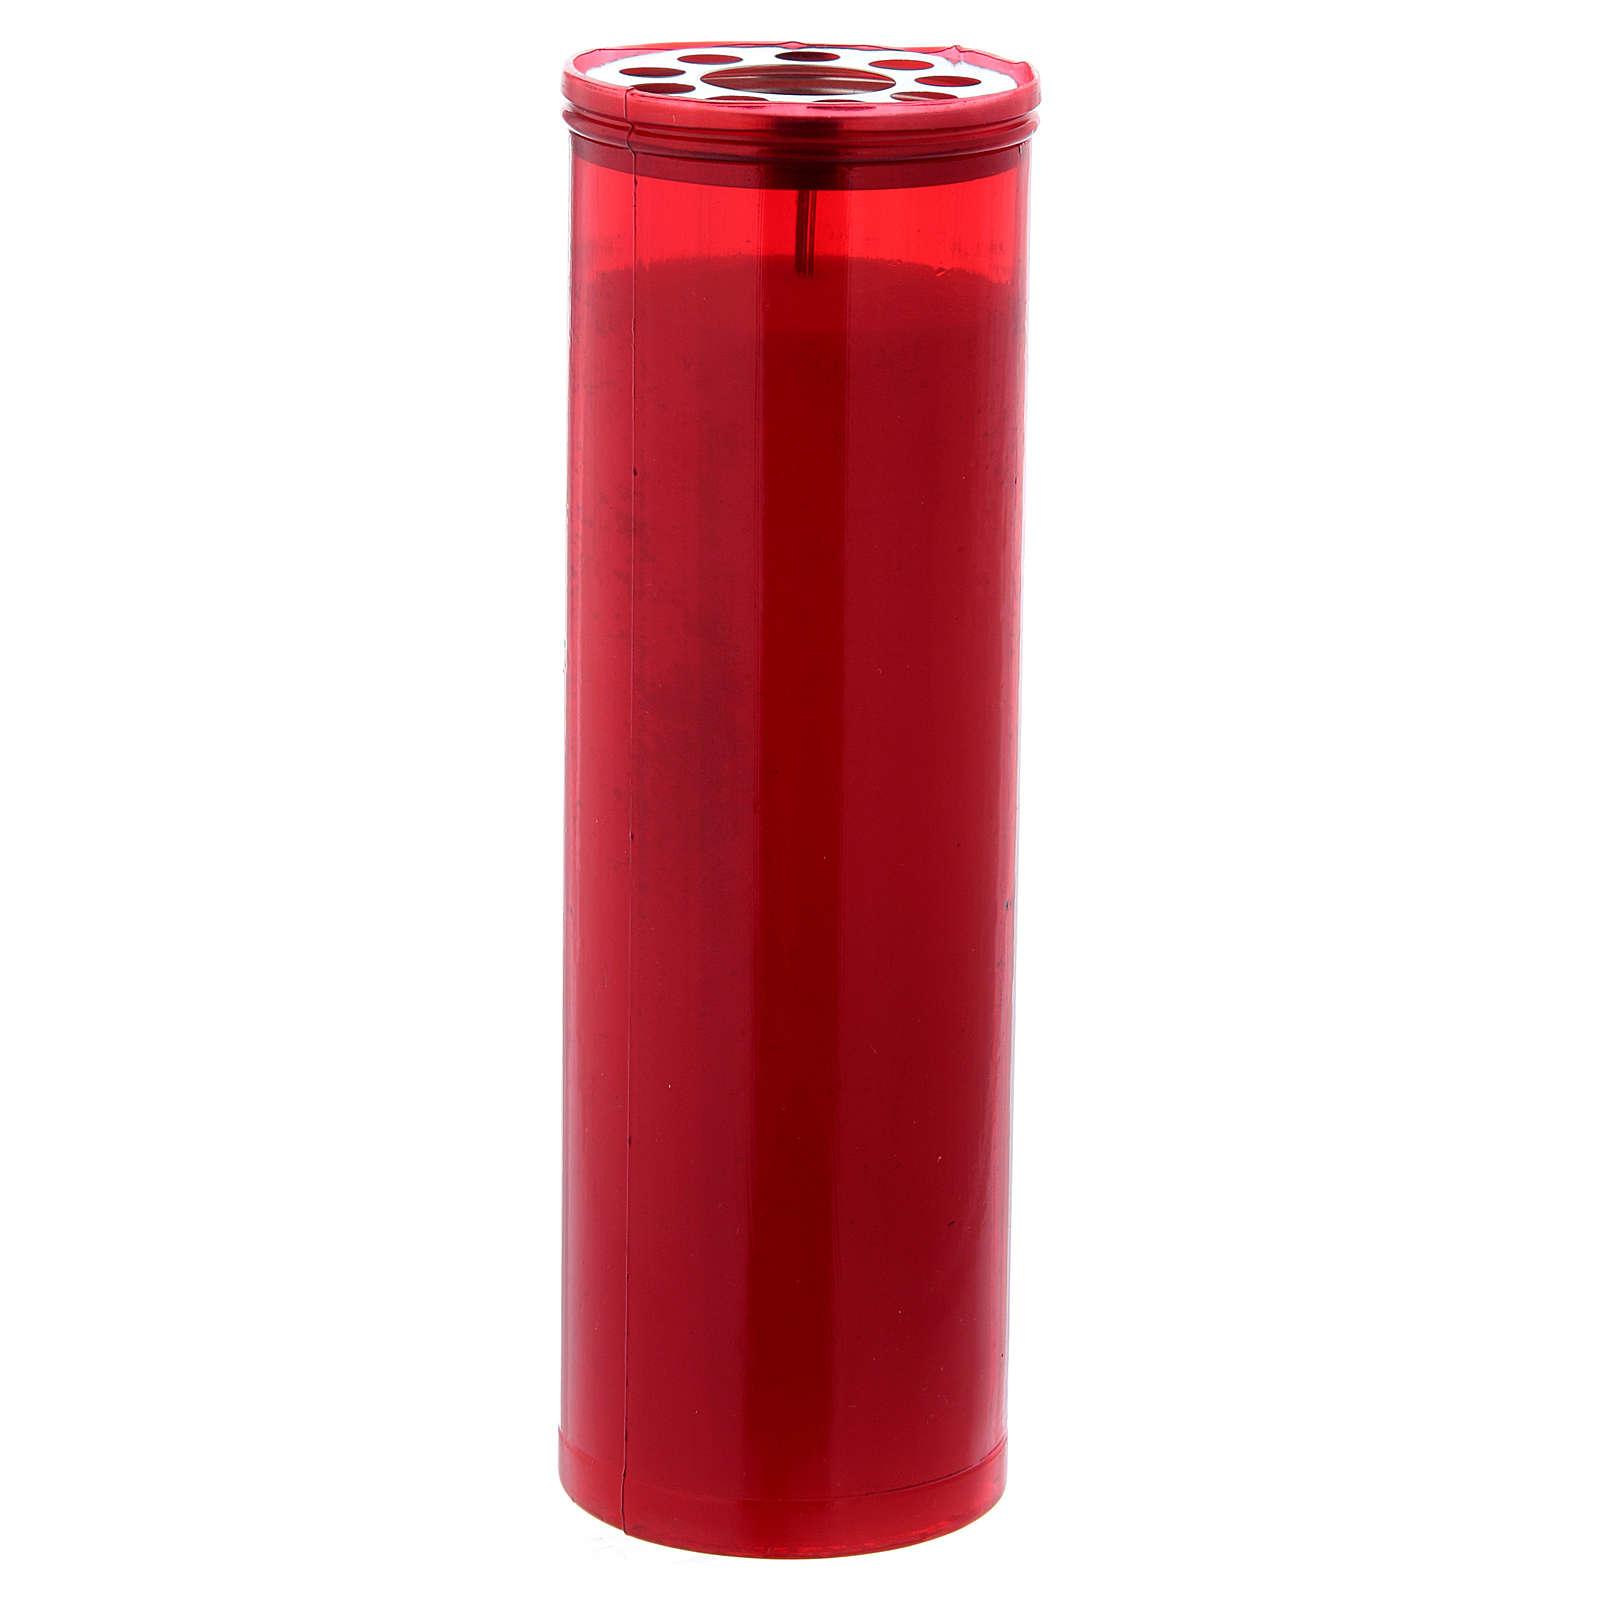 Lampe votive couleur rouge T60 avec cire blanche 3